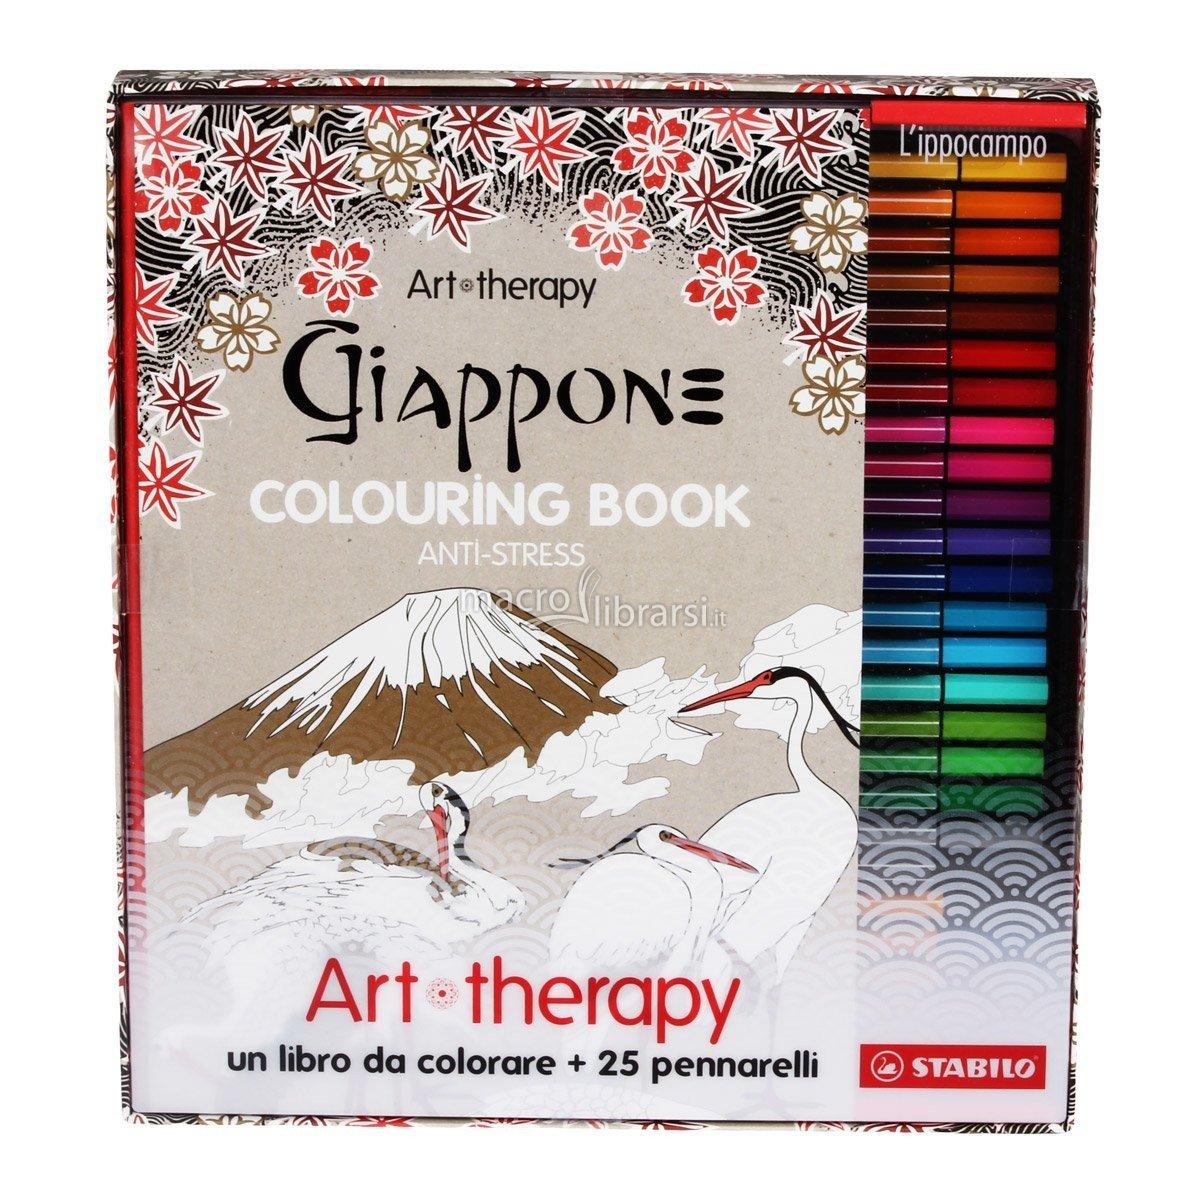 Stabilo IT 87 2386 Art Therapy Cofanetto Con 20 Pennarelli Amazonit Cancelleria E Prodotti Per Ufficio